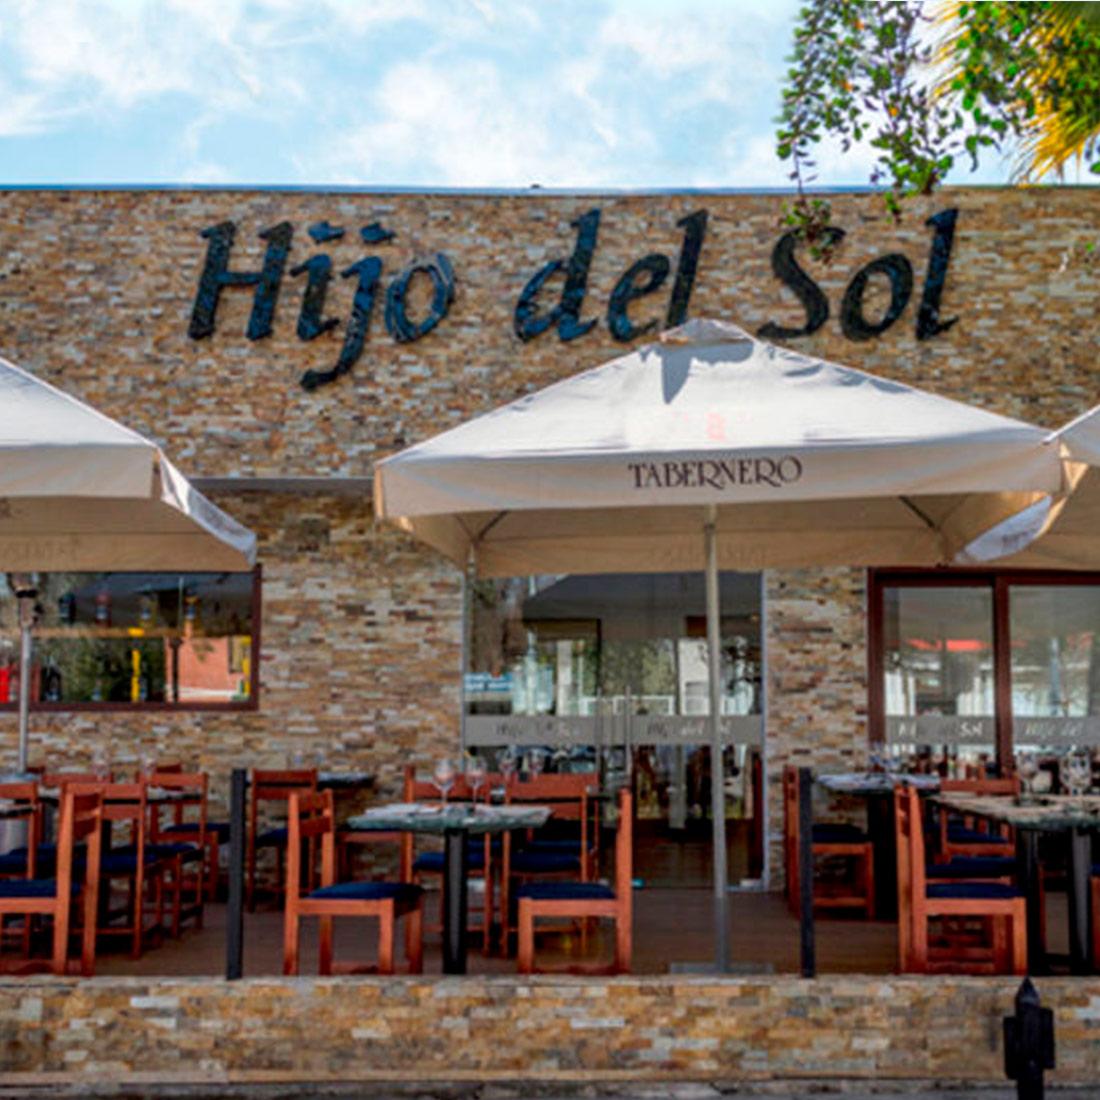 HIJO DEL SOL - LA REINA Restaurante - Reserva en restaurantes de Comida PERUANA - LA REINA - MESA 24/7 | SANTIAGO - Perú